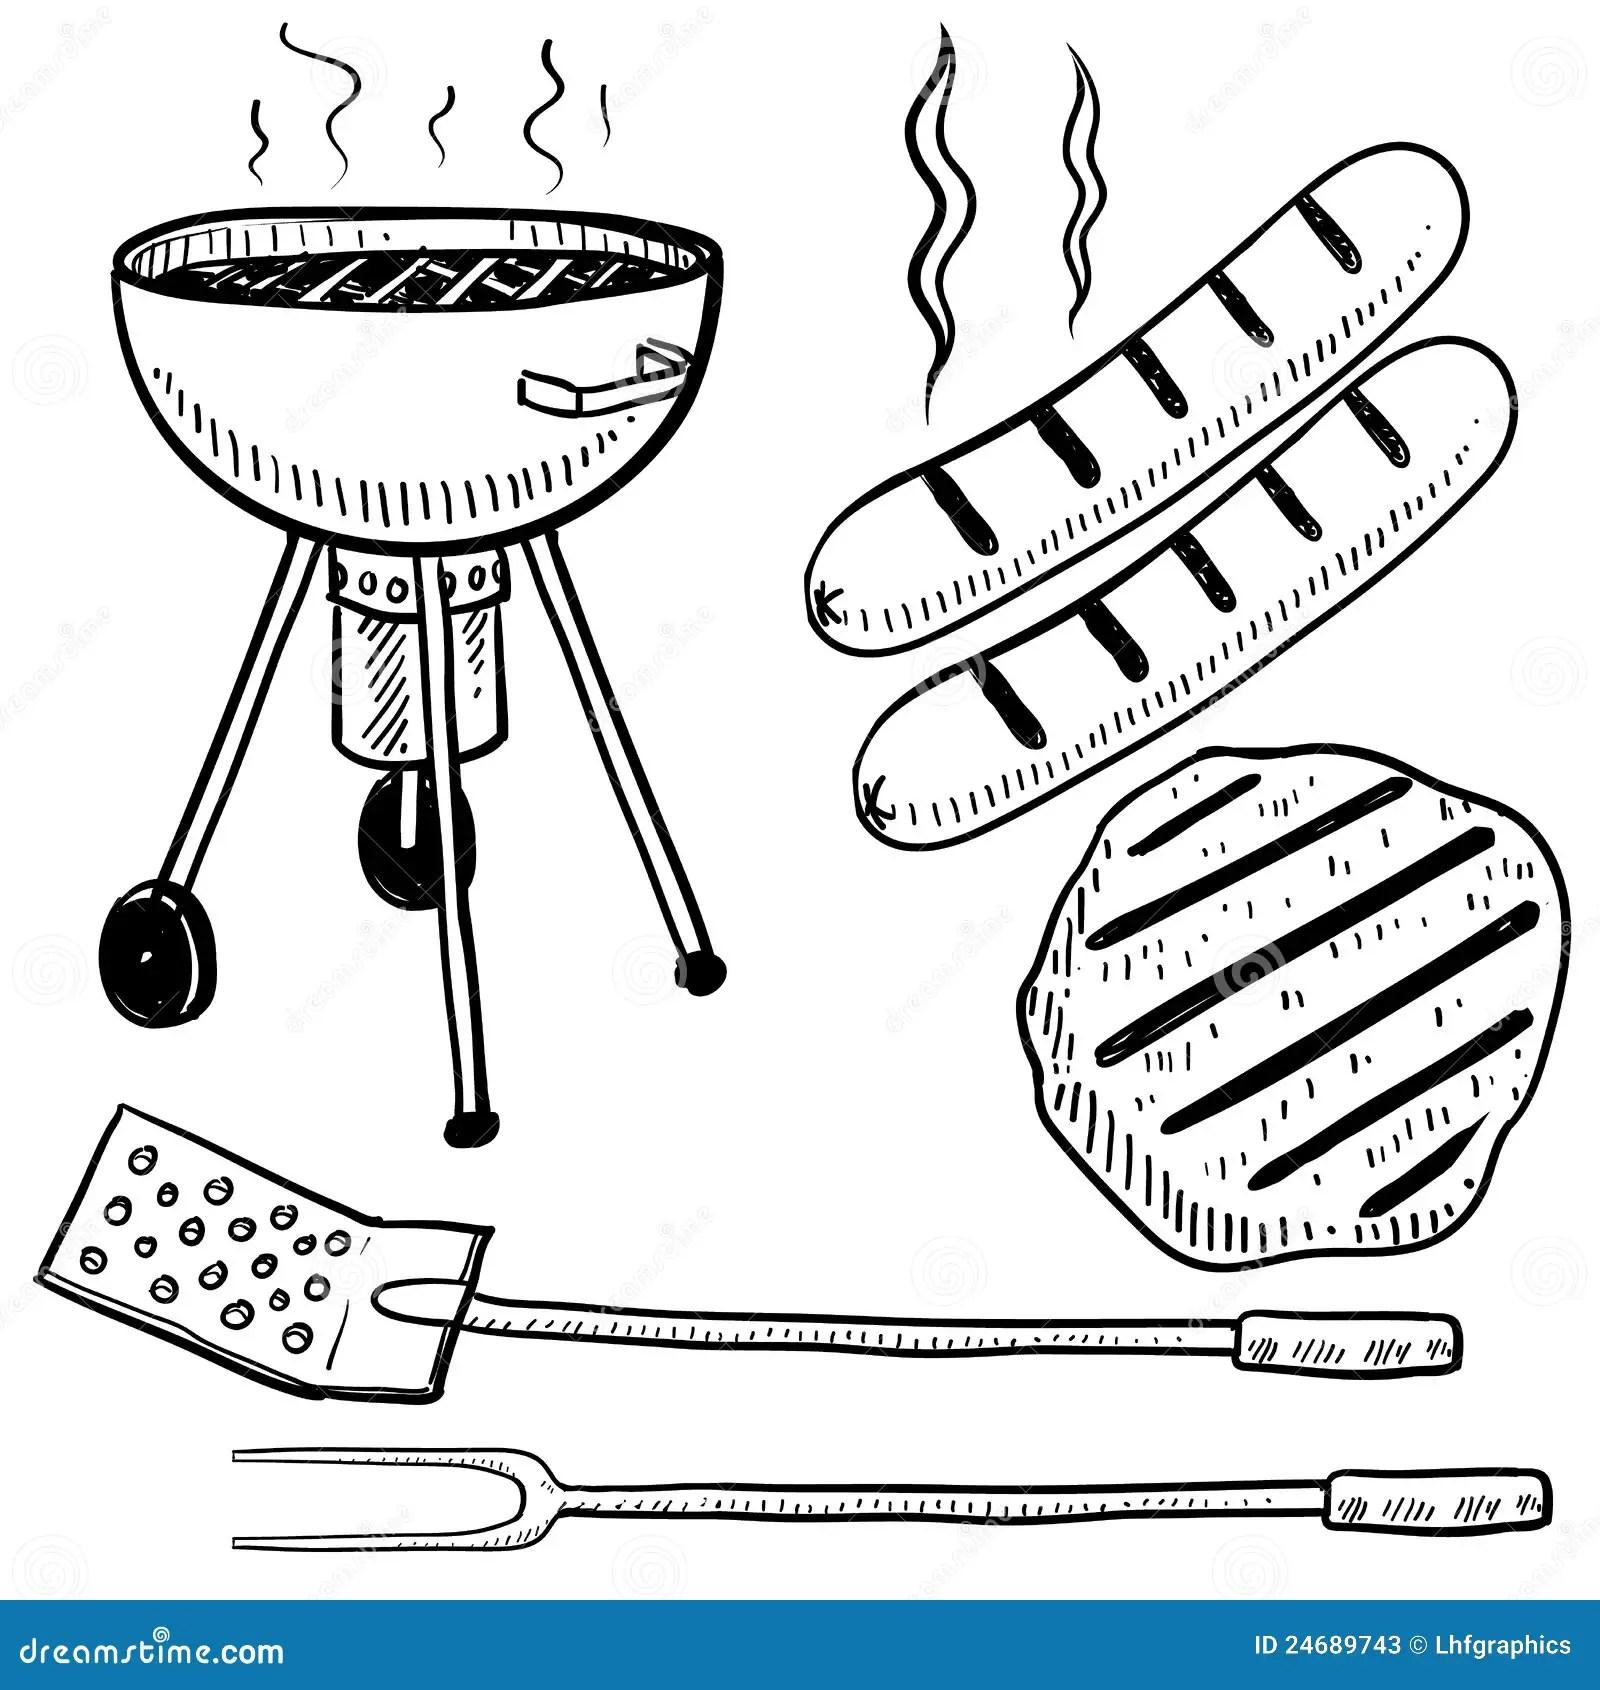 Backyard Barbecue Equipment Sketch Stock Photos